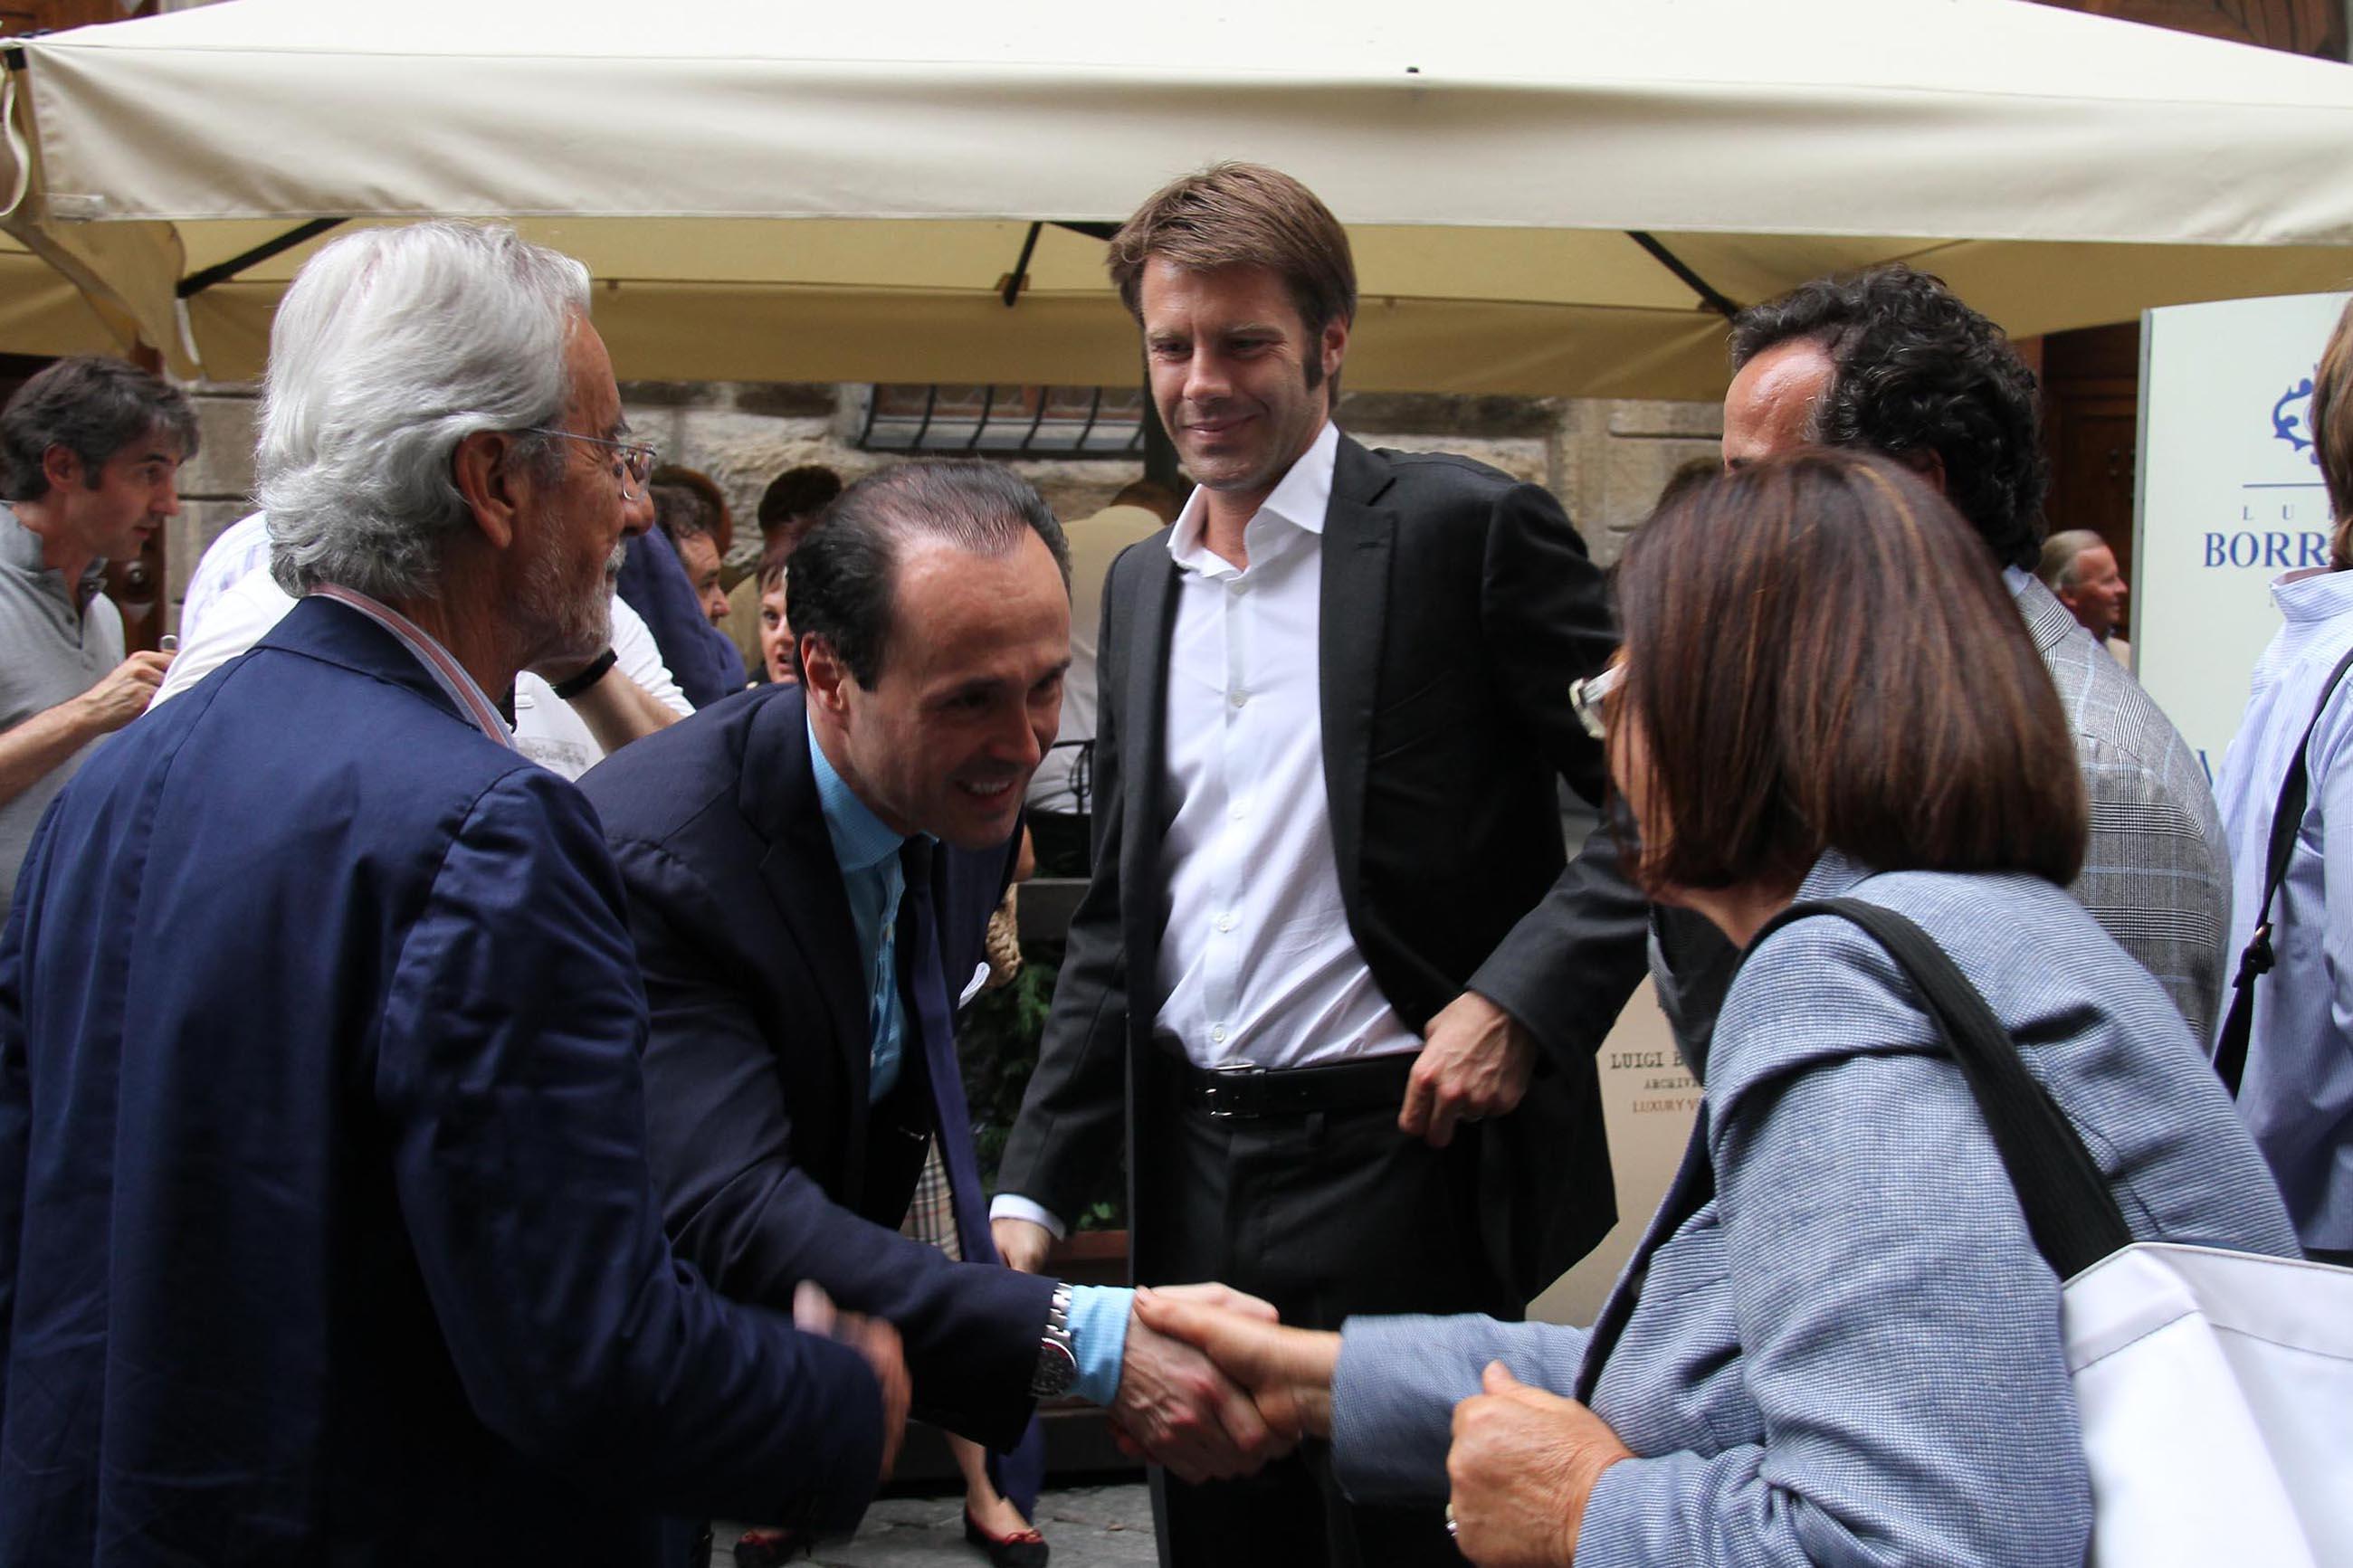 PRESSPHOTO Firenze, Evento Milord Aston Martin. Nella foto al centro  Emanuele Filiberto di Savoia